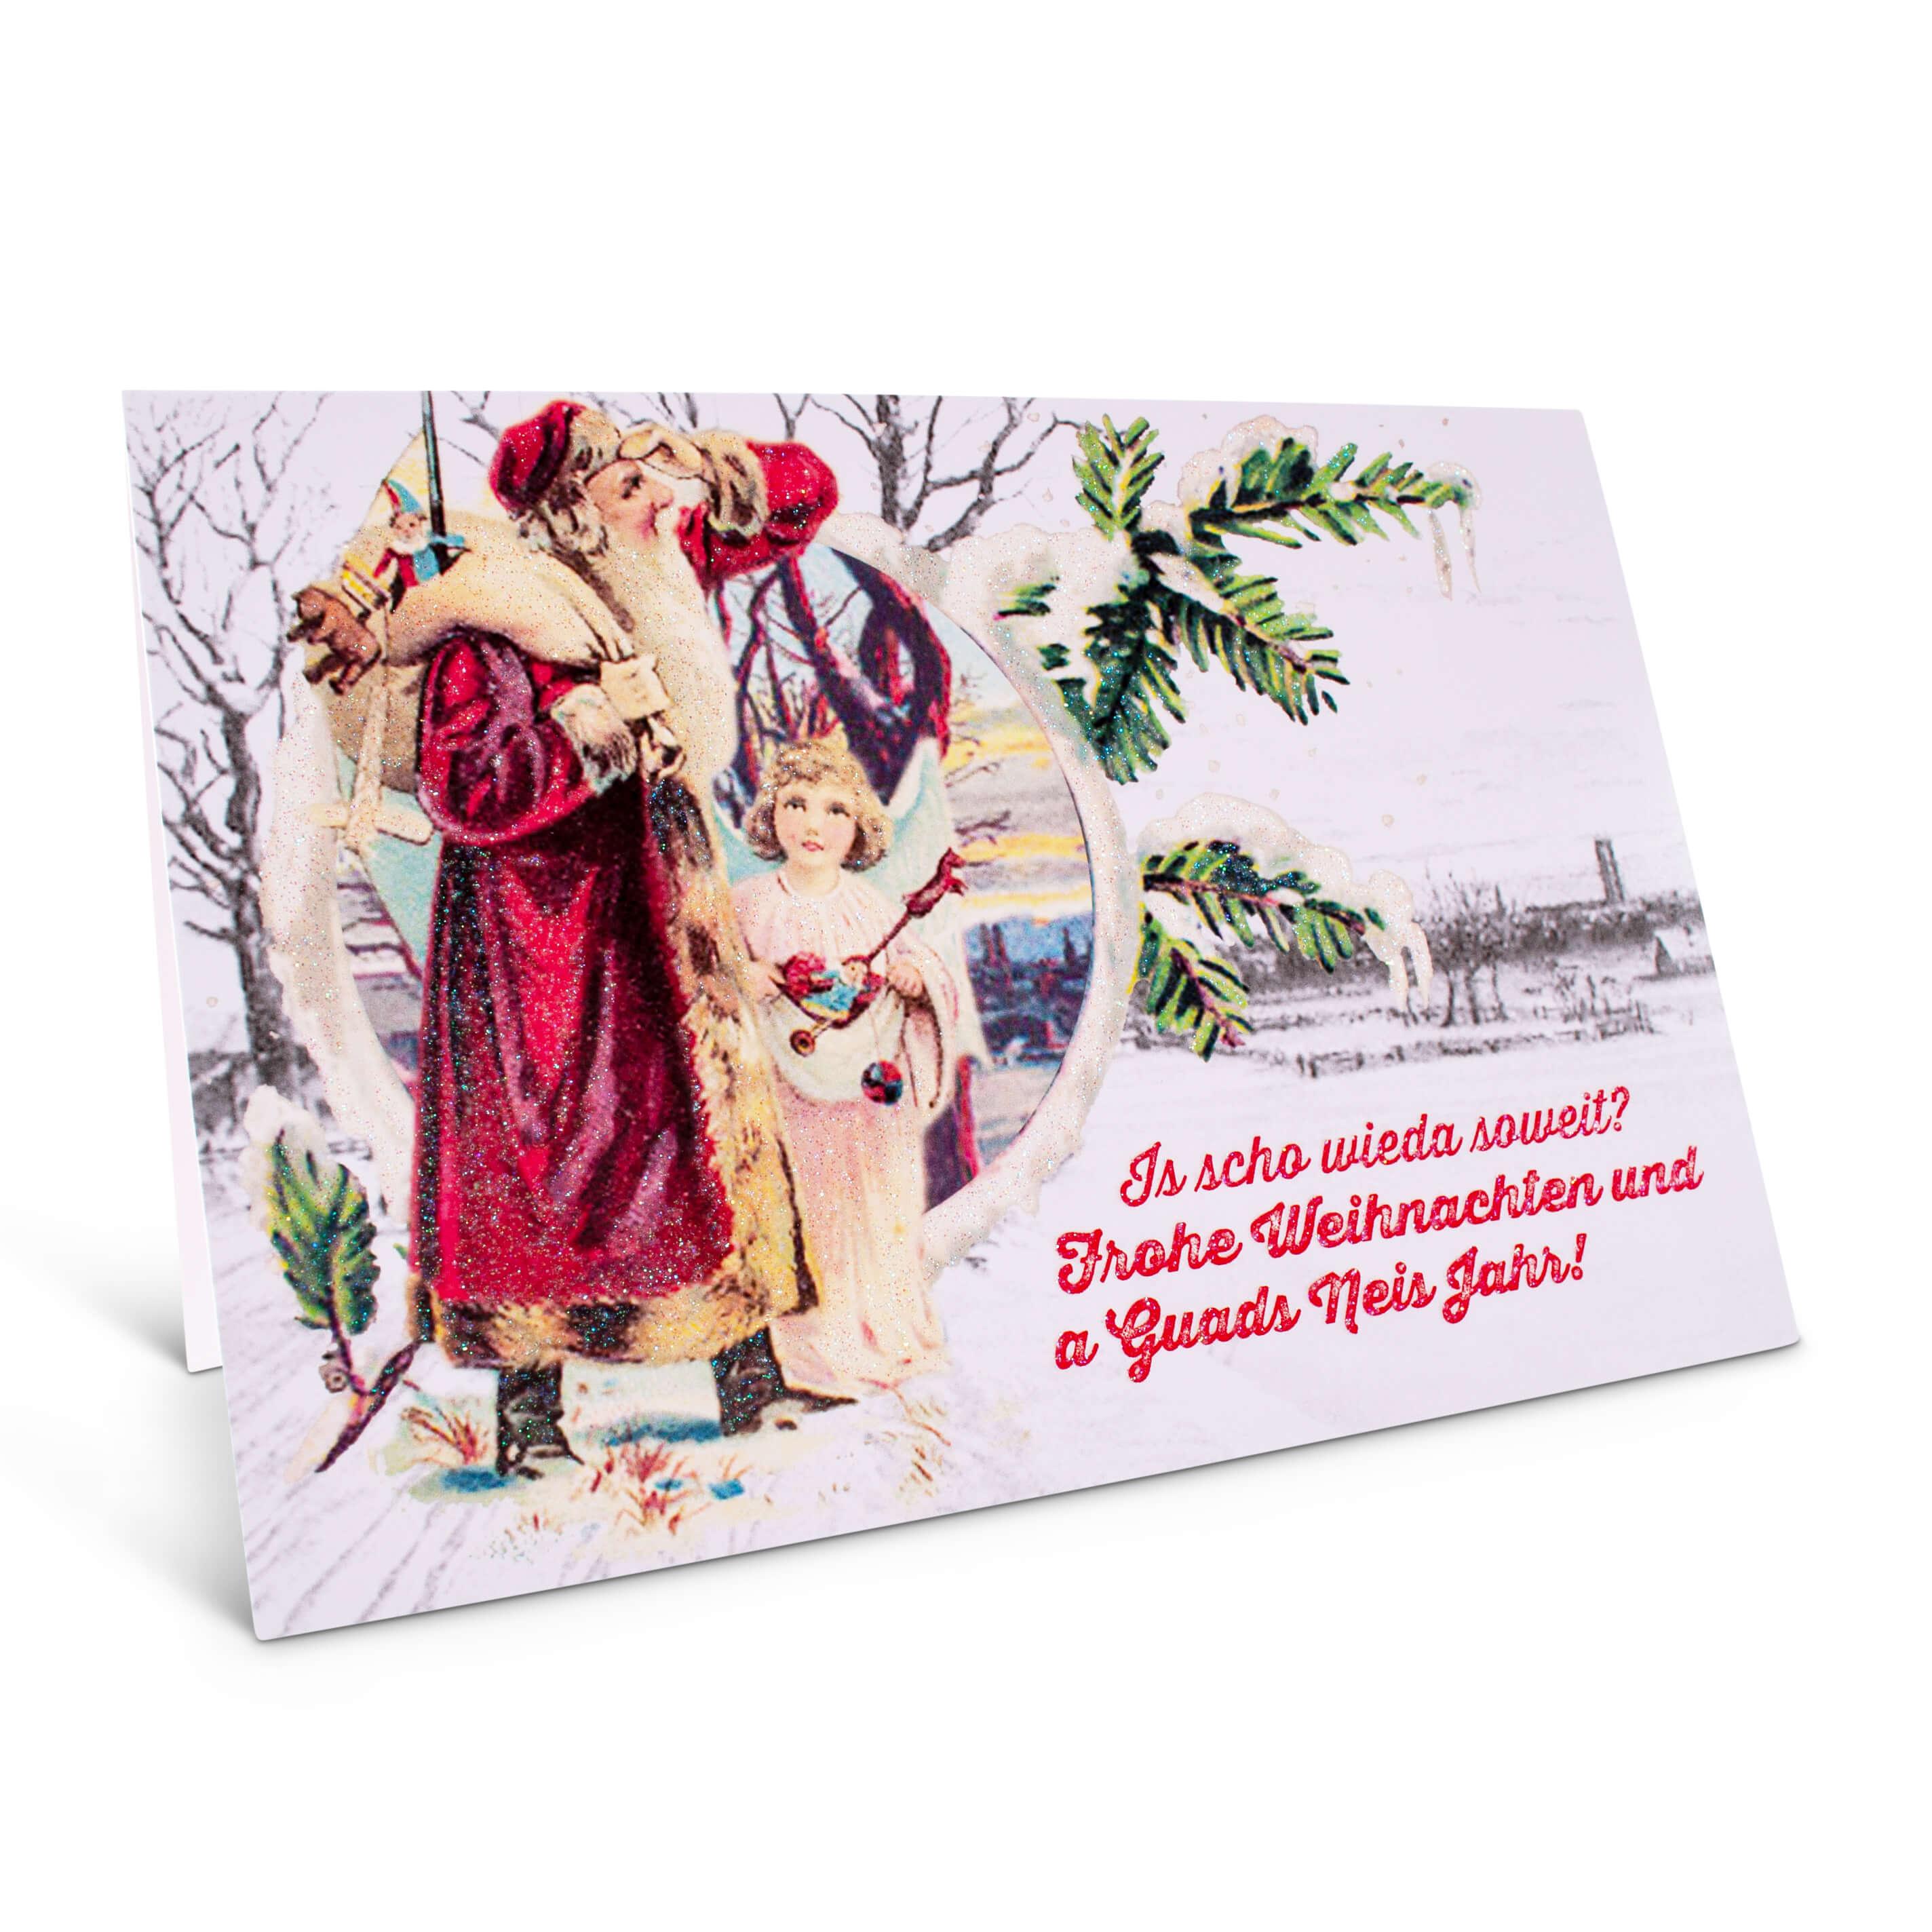 Karte Frohe Weihnachten.Weihnachtskarte Frohe Weihnachten Guads Neis